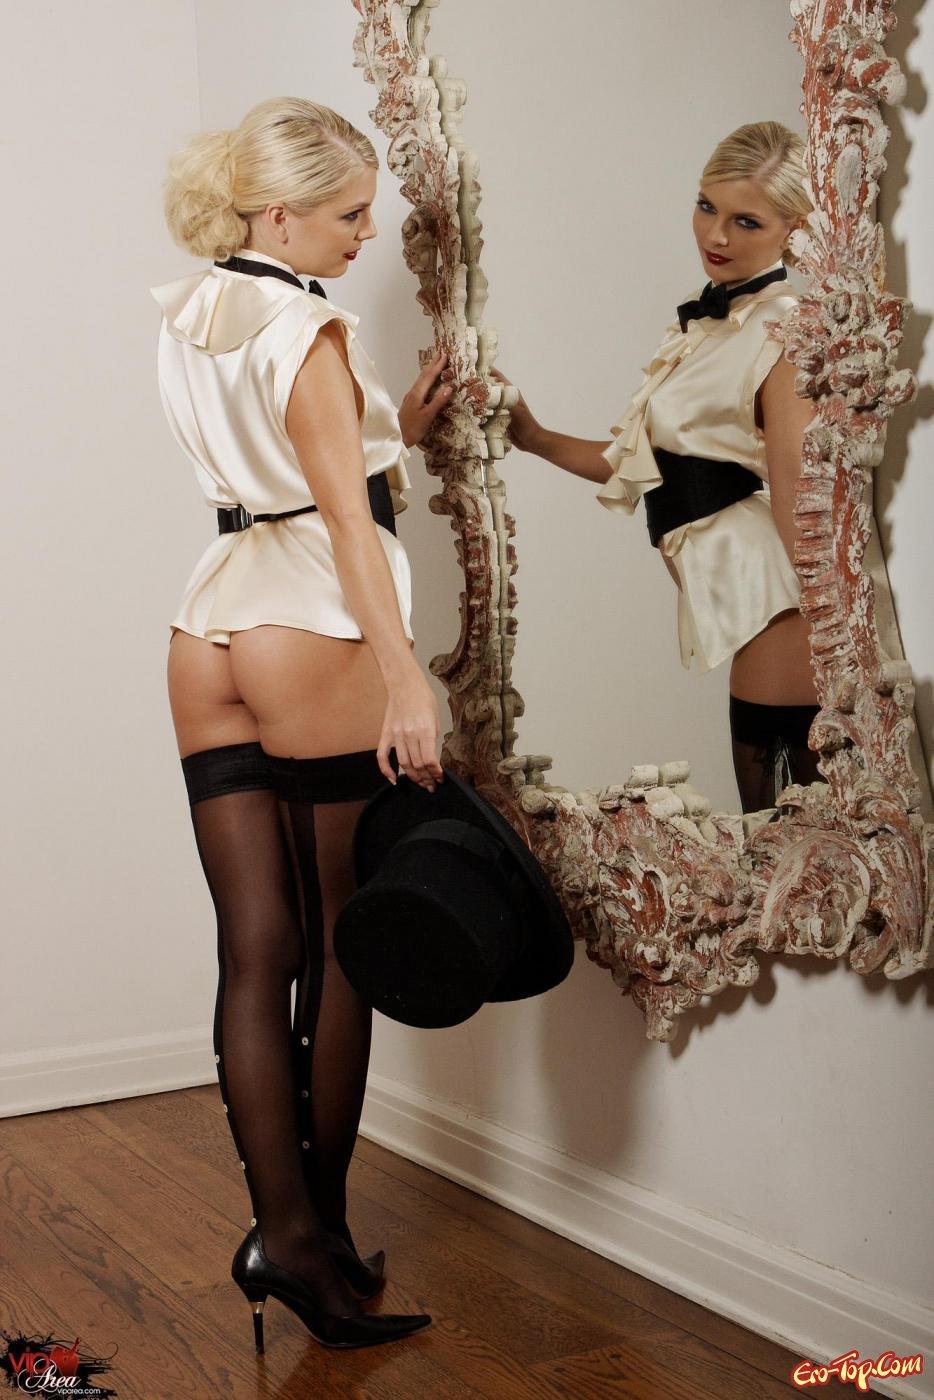 Светлая порноактриса в носках перед зеркалом